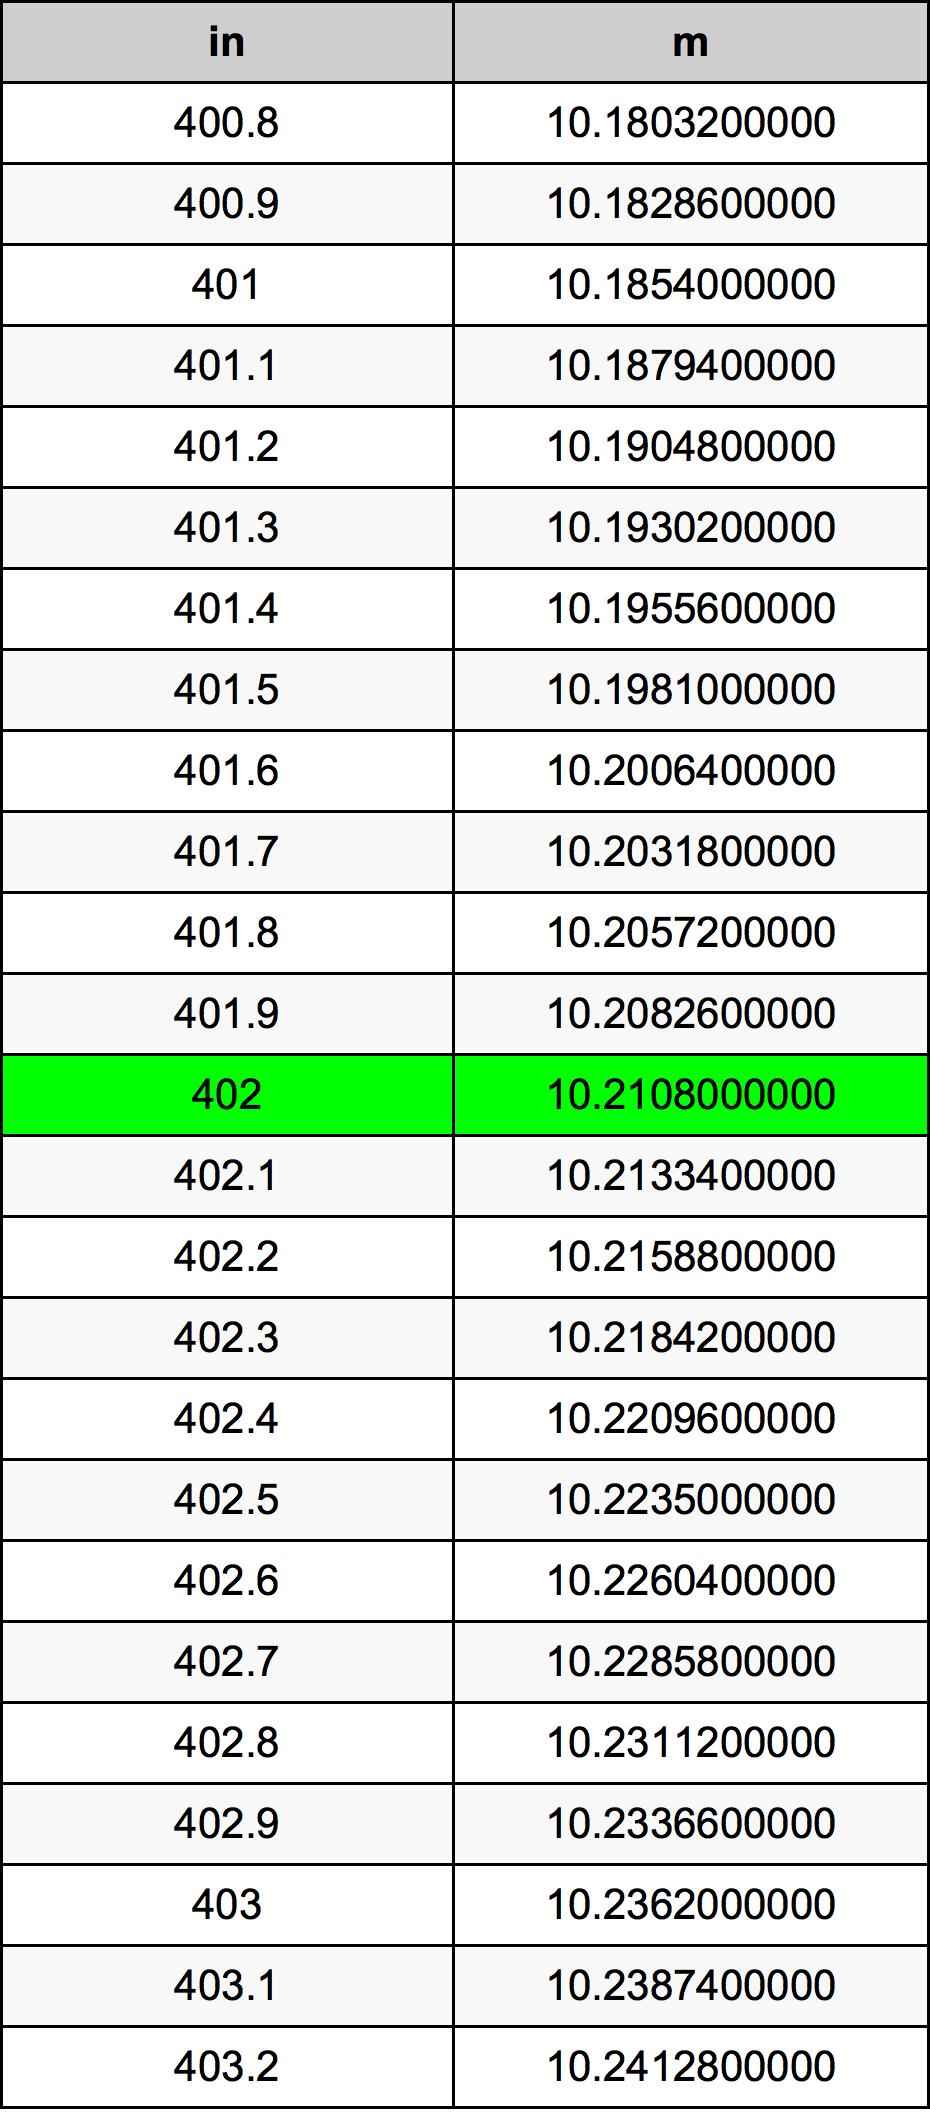 402 Pulzier konverżjoni tabella